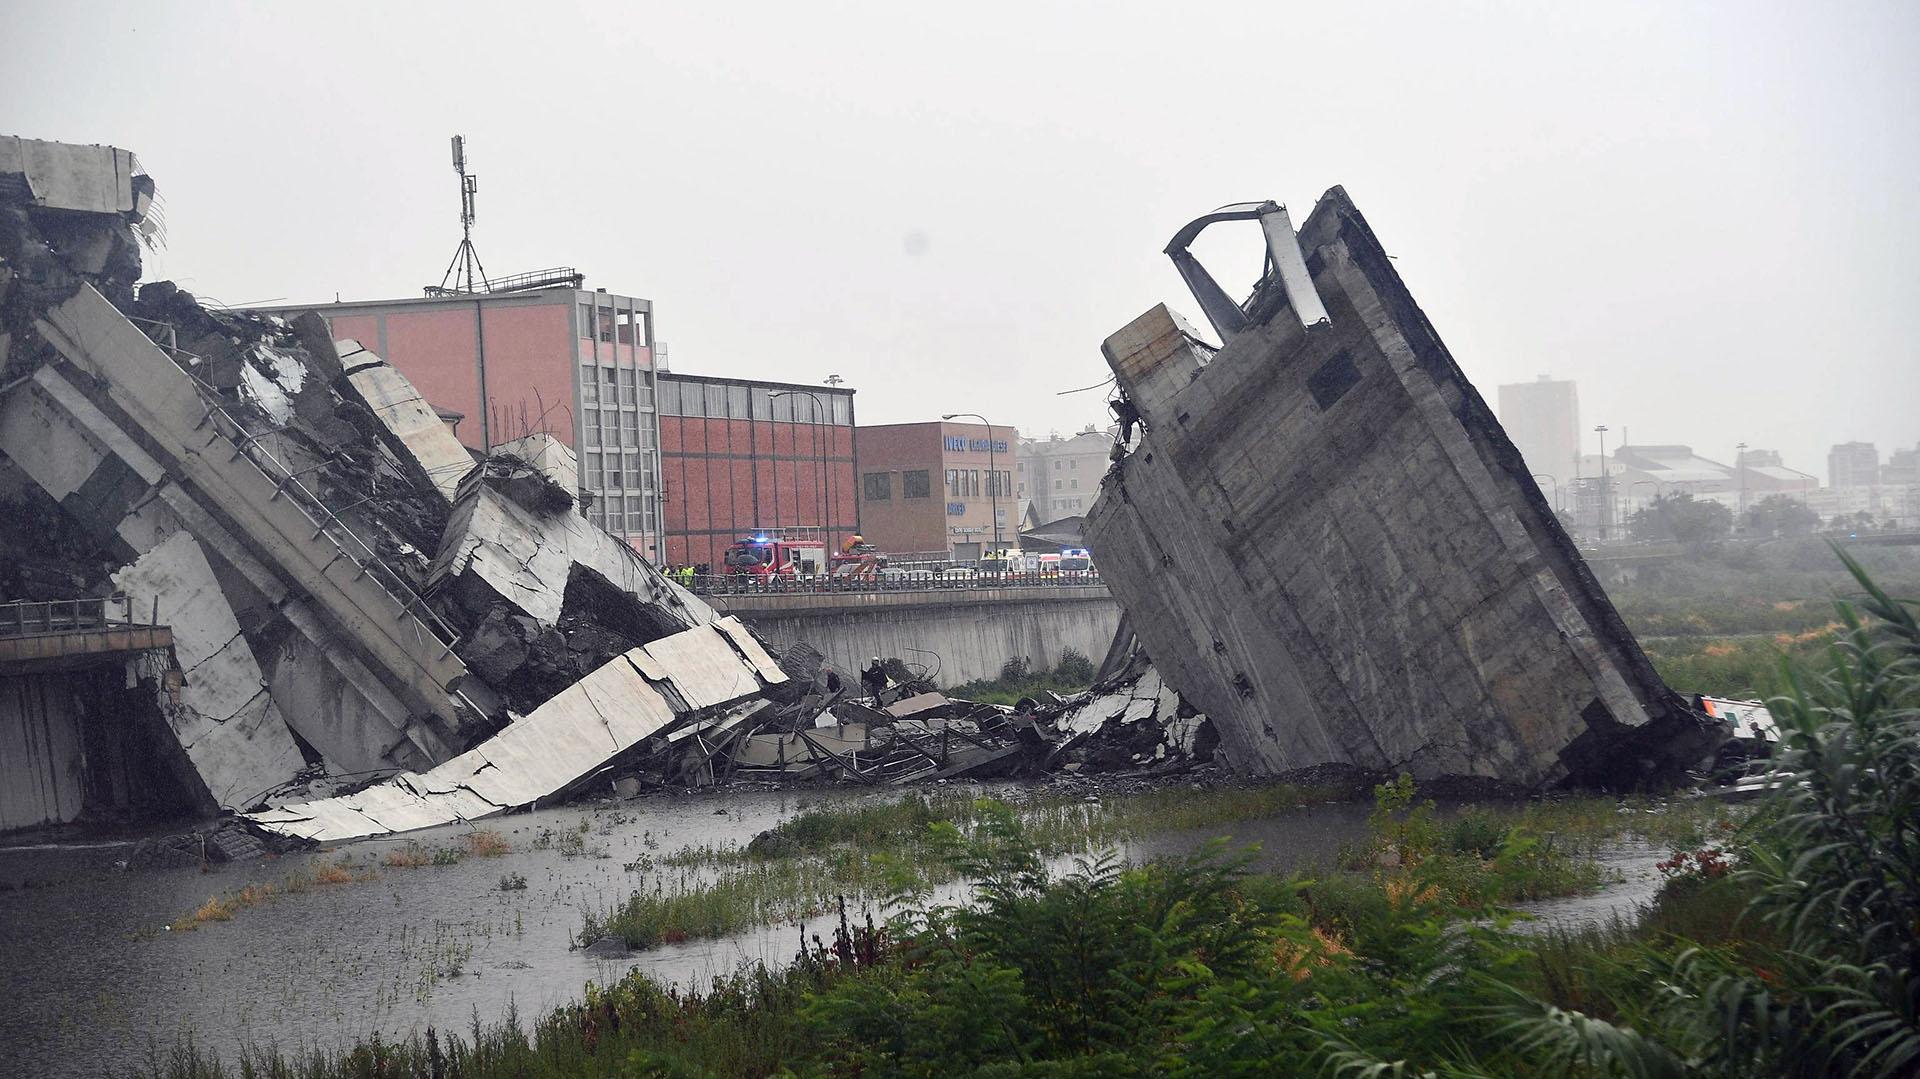 Vista de la sección del viaducto sobre la autopista A10 que se desplomó en Génova (EFE)